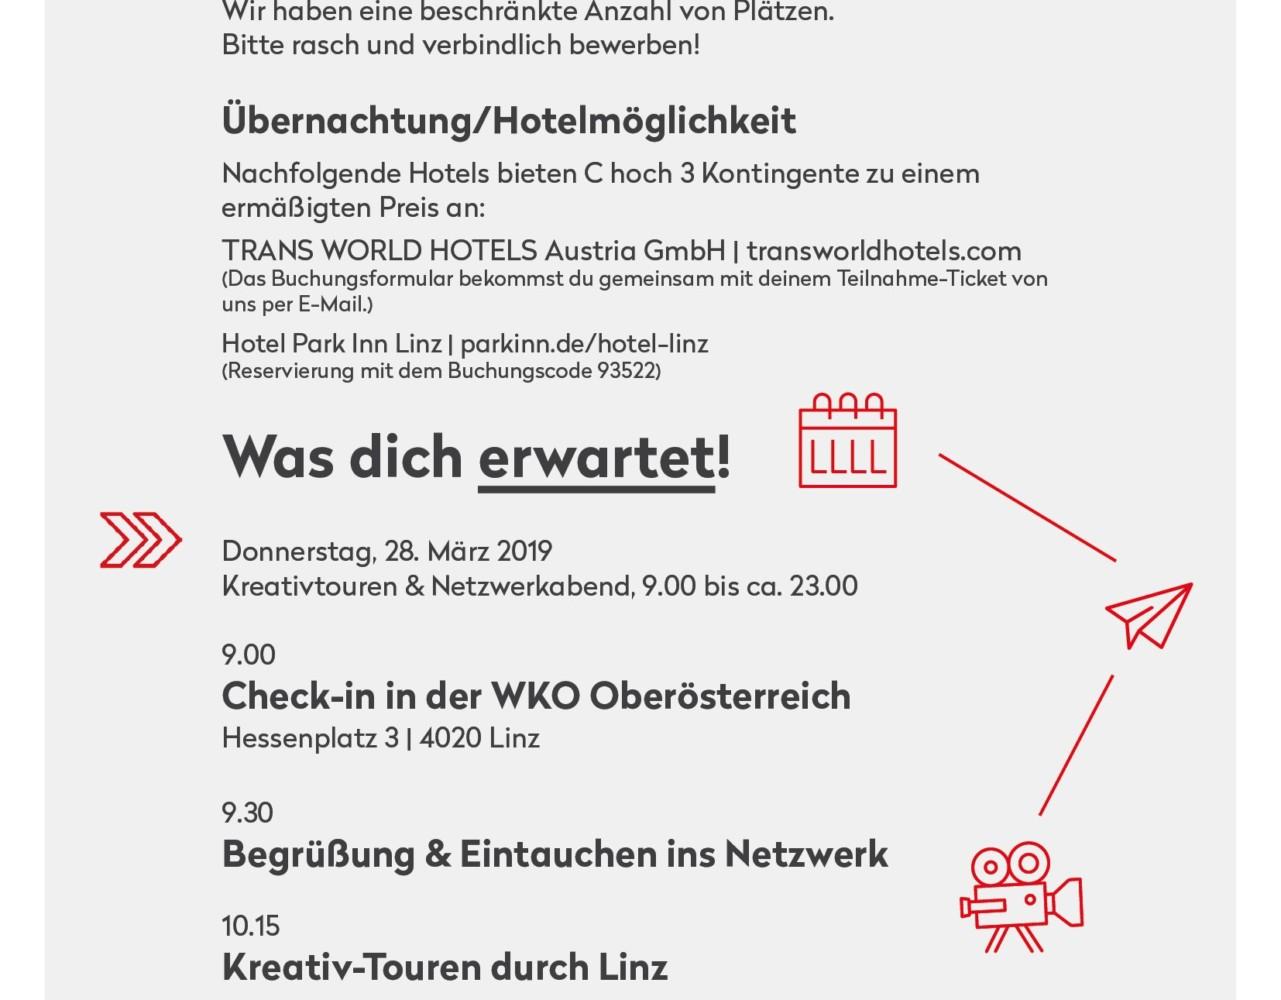 Choch3_netzwerktreffen19_einladung_6teilig_3